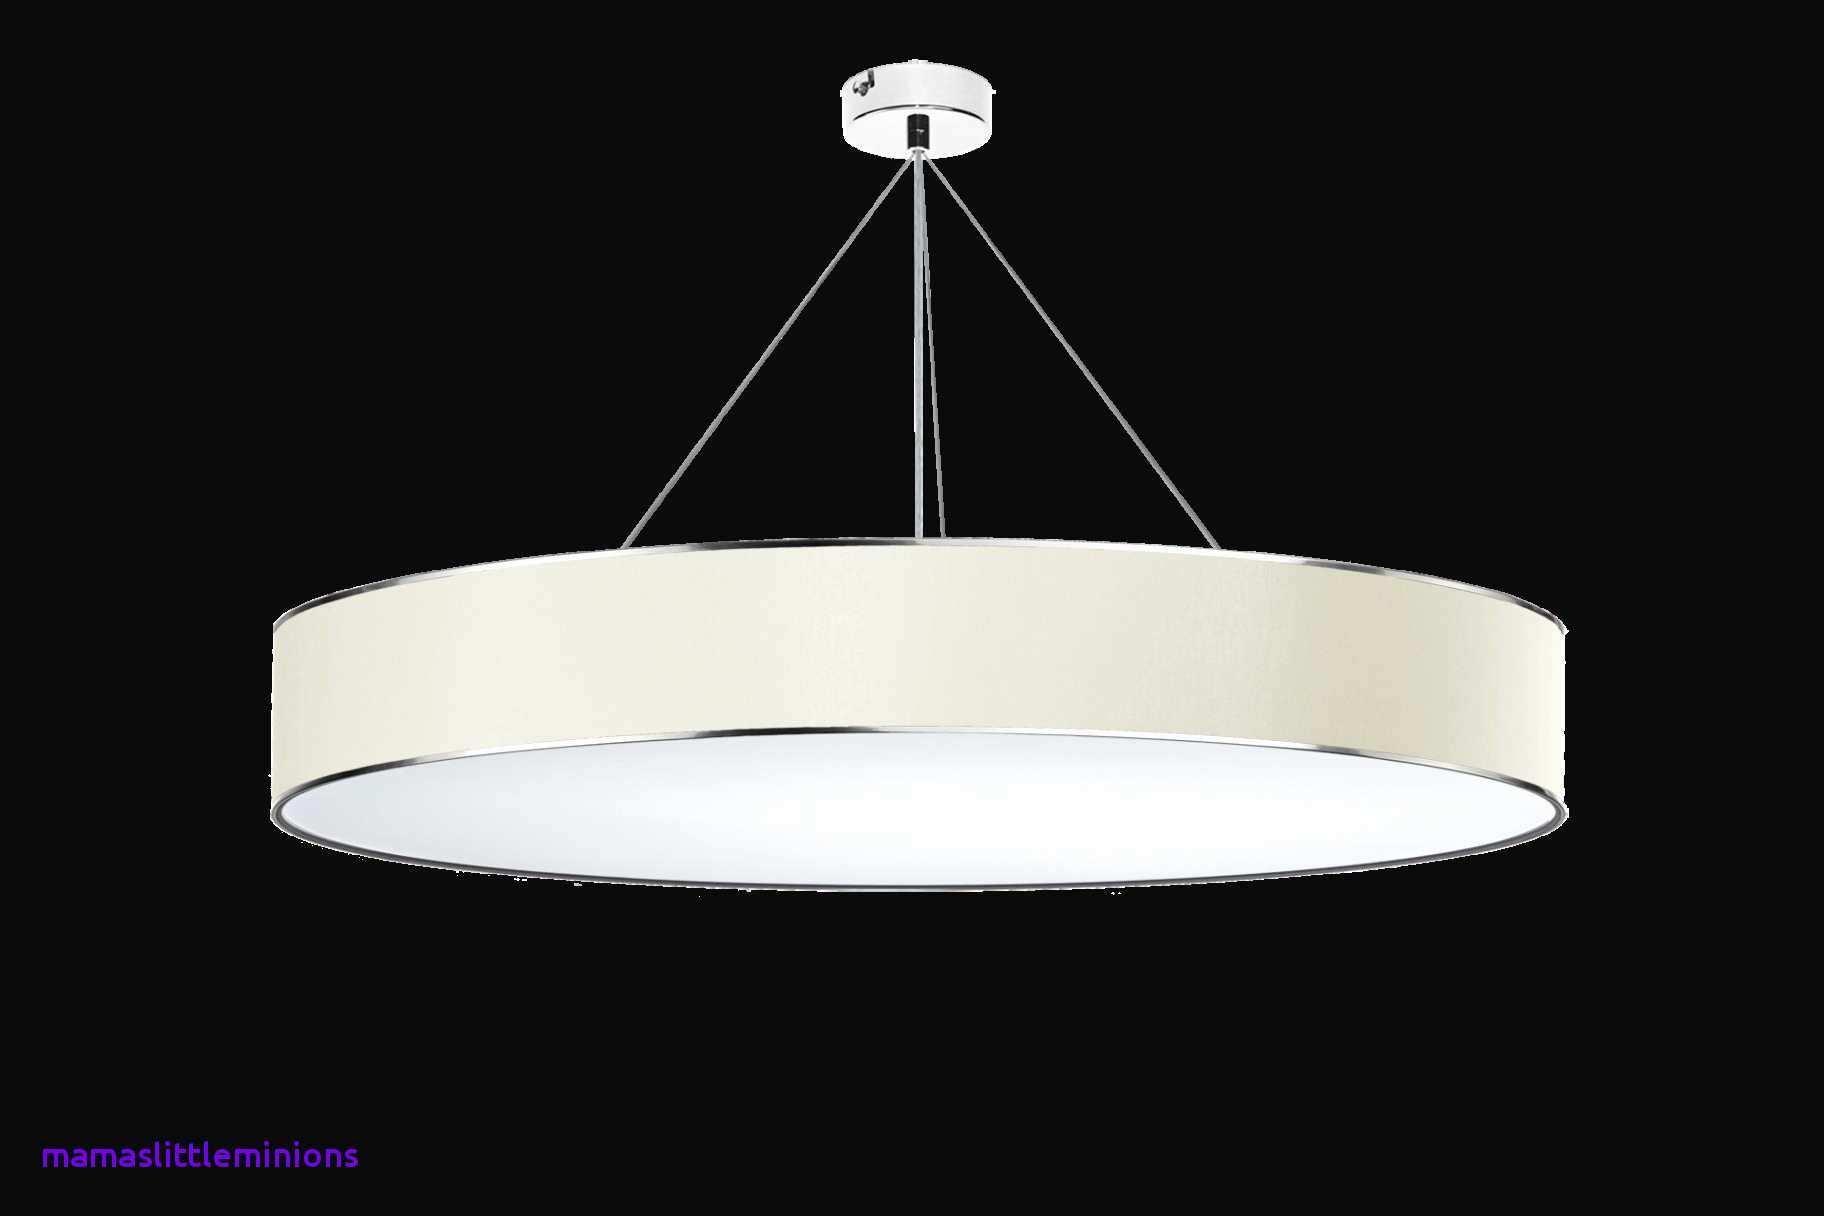 Full Size of Led Wohnzimmerlampe Lampe Dimmbar Flackert Mit Fernbedienung Ikea Wohnzimmer Amazon Deckenleuchte Farbwechsel Machen Verbinden E27 Lampen Wohnzimmerlampen Obi Wohnzimmer Led Wohnzimmerlampe